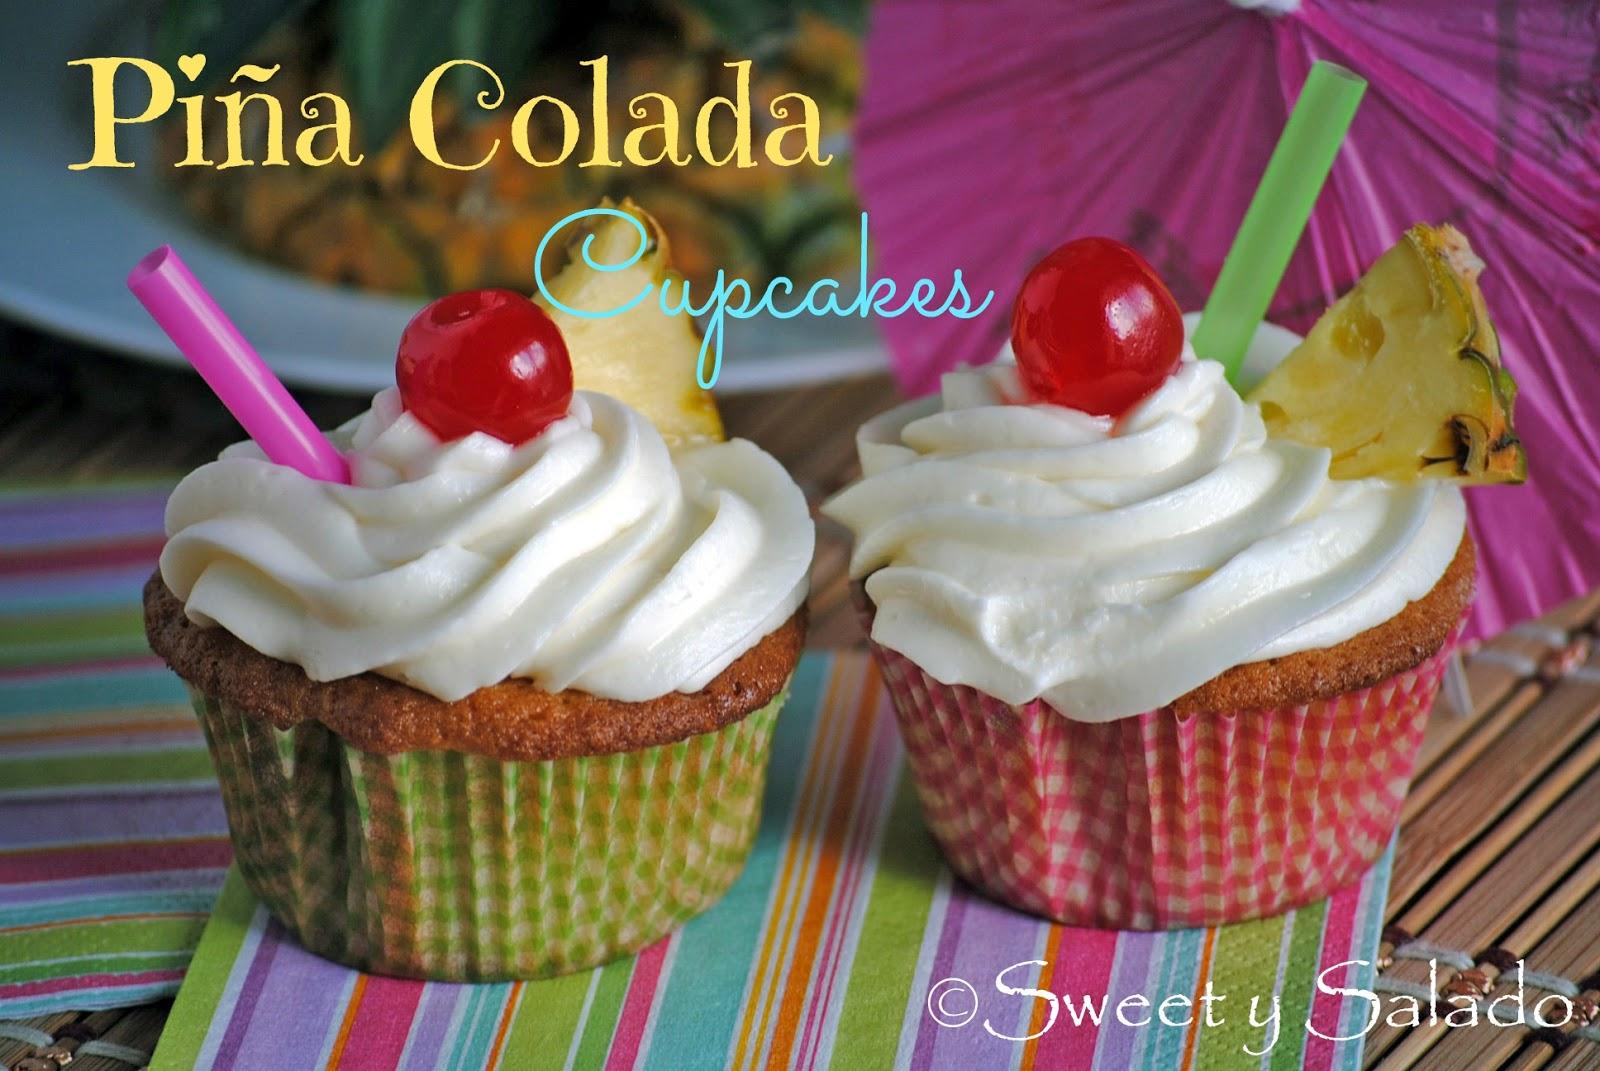 Sweet y Salado: Piña Colada Cupcakes